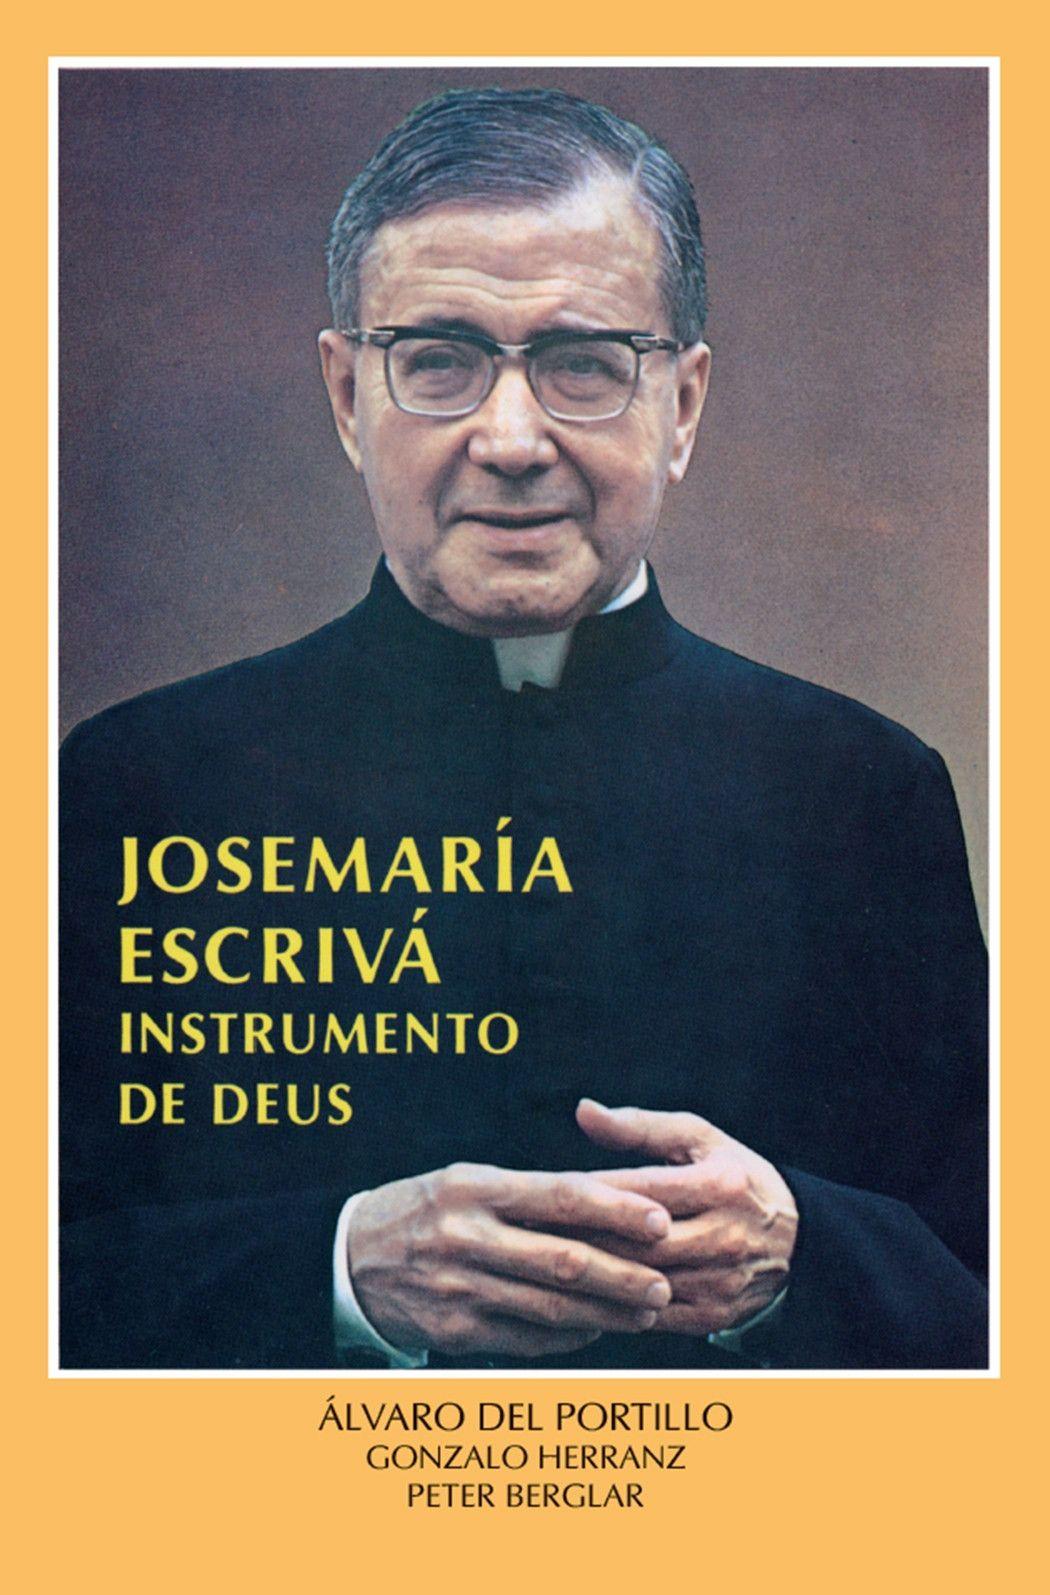 Livro Josemaria Escrivá, instrumento de Deus